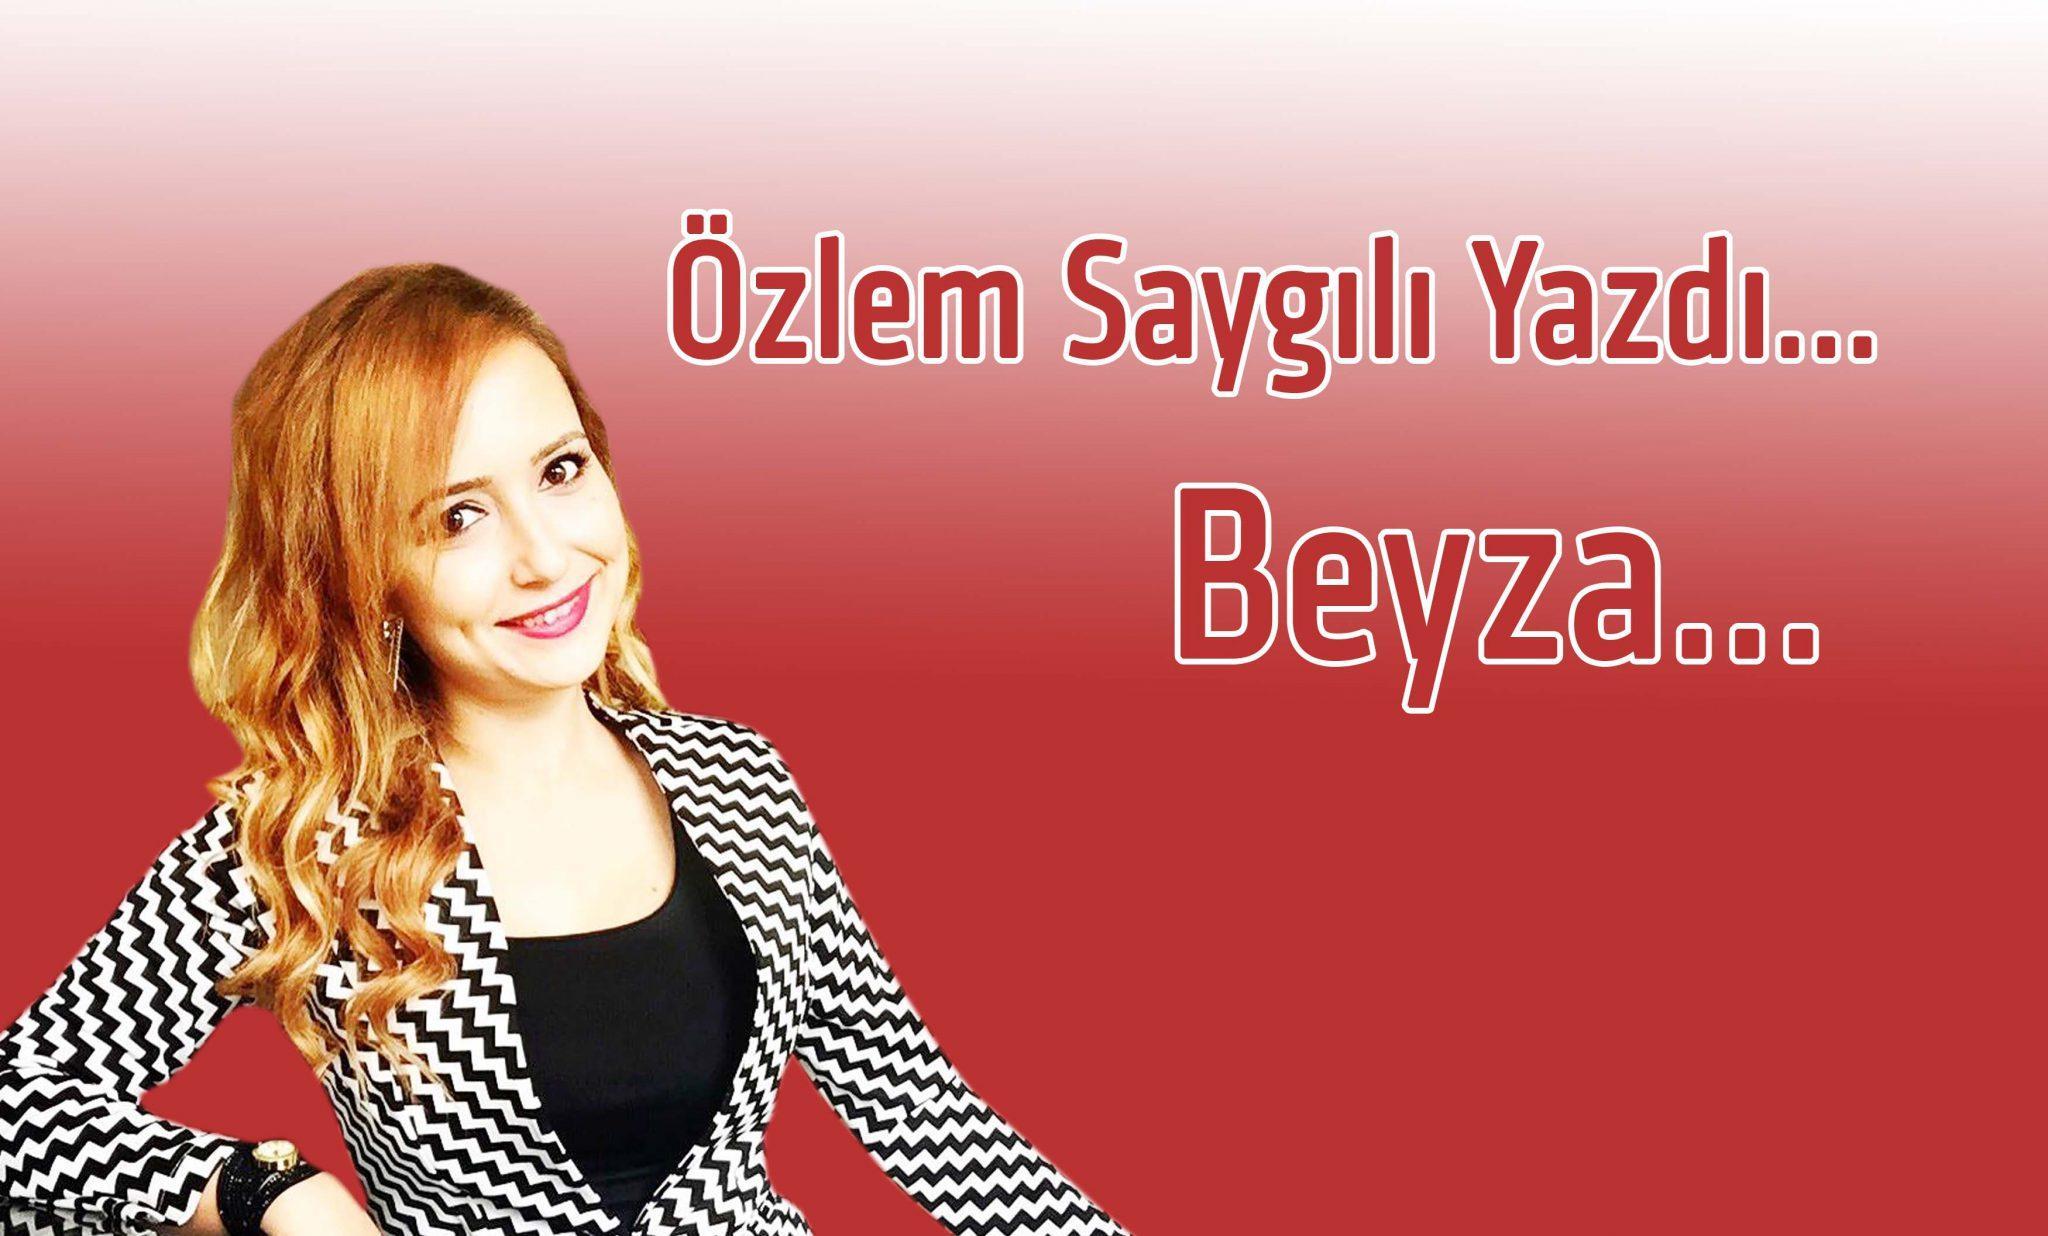 Beyza…